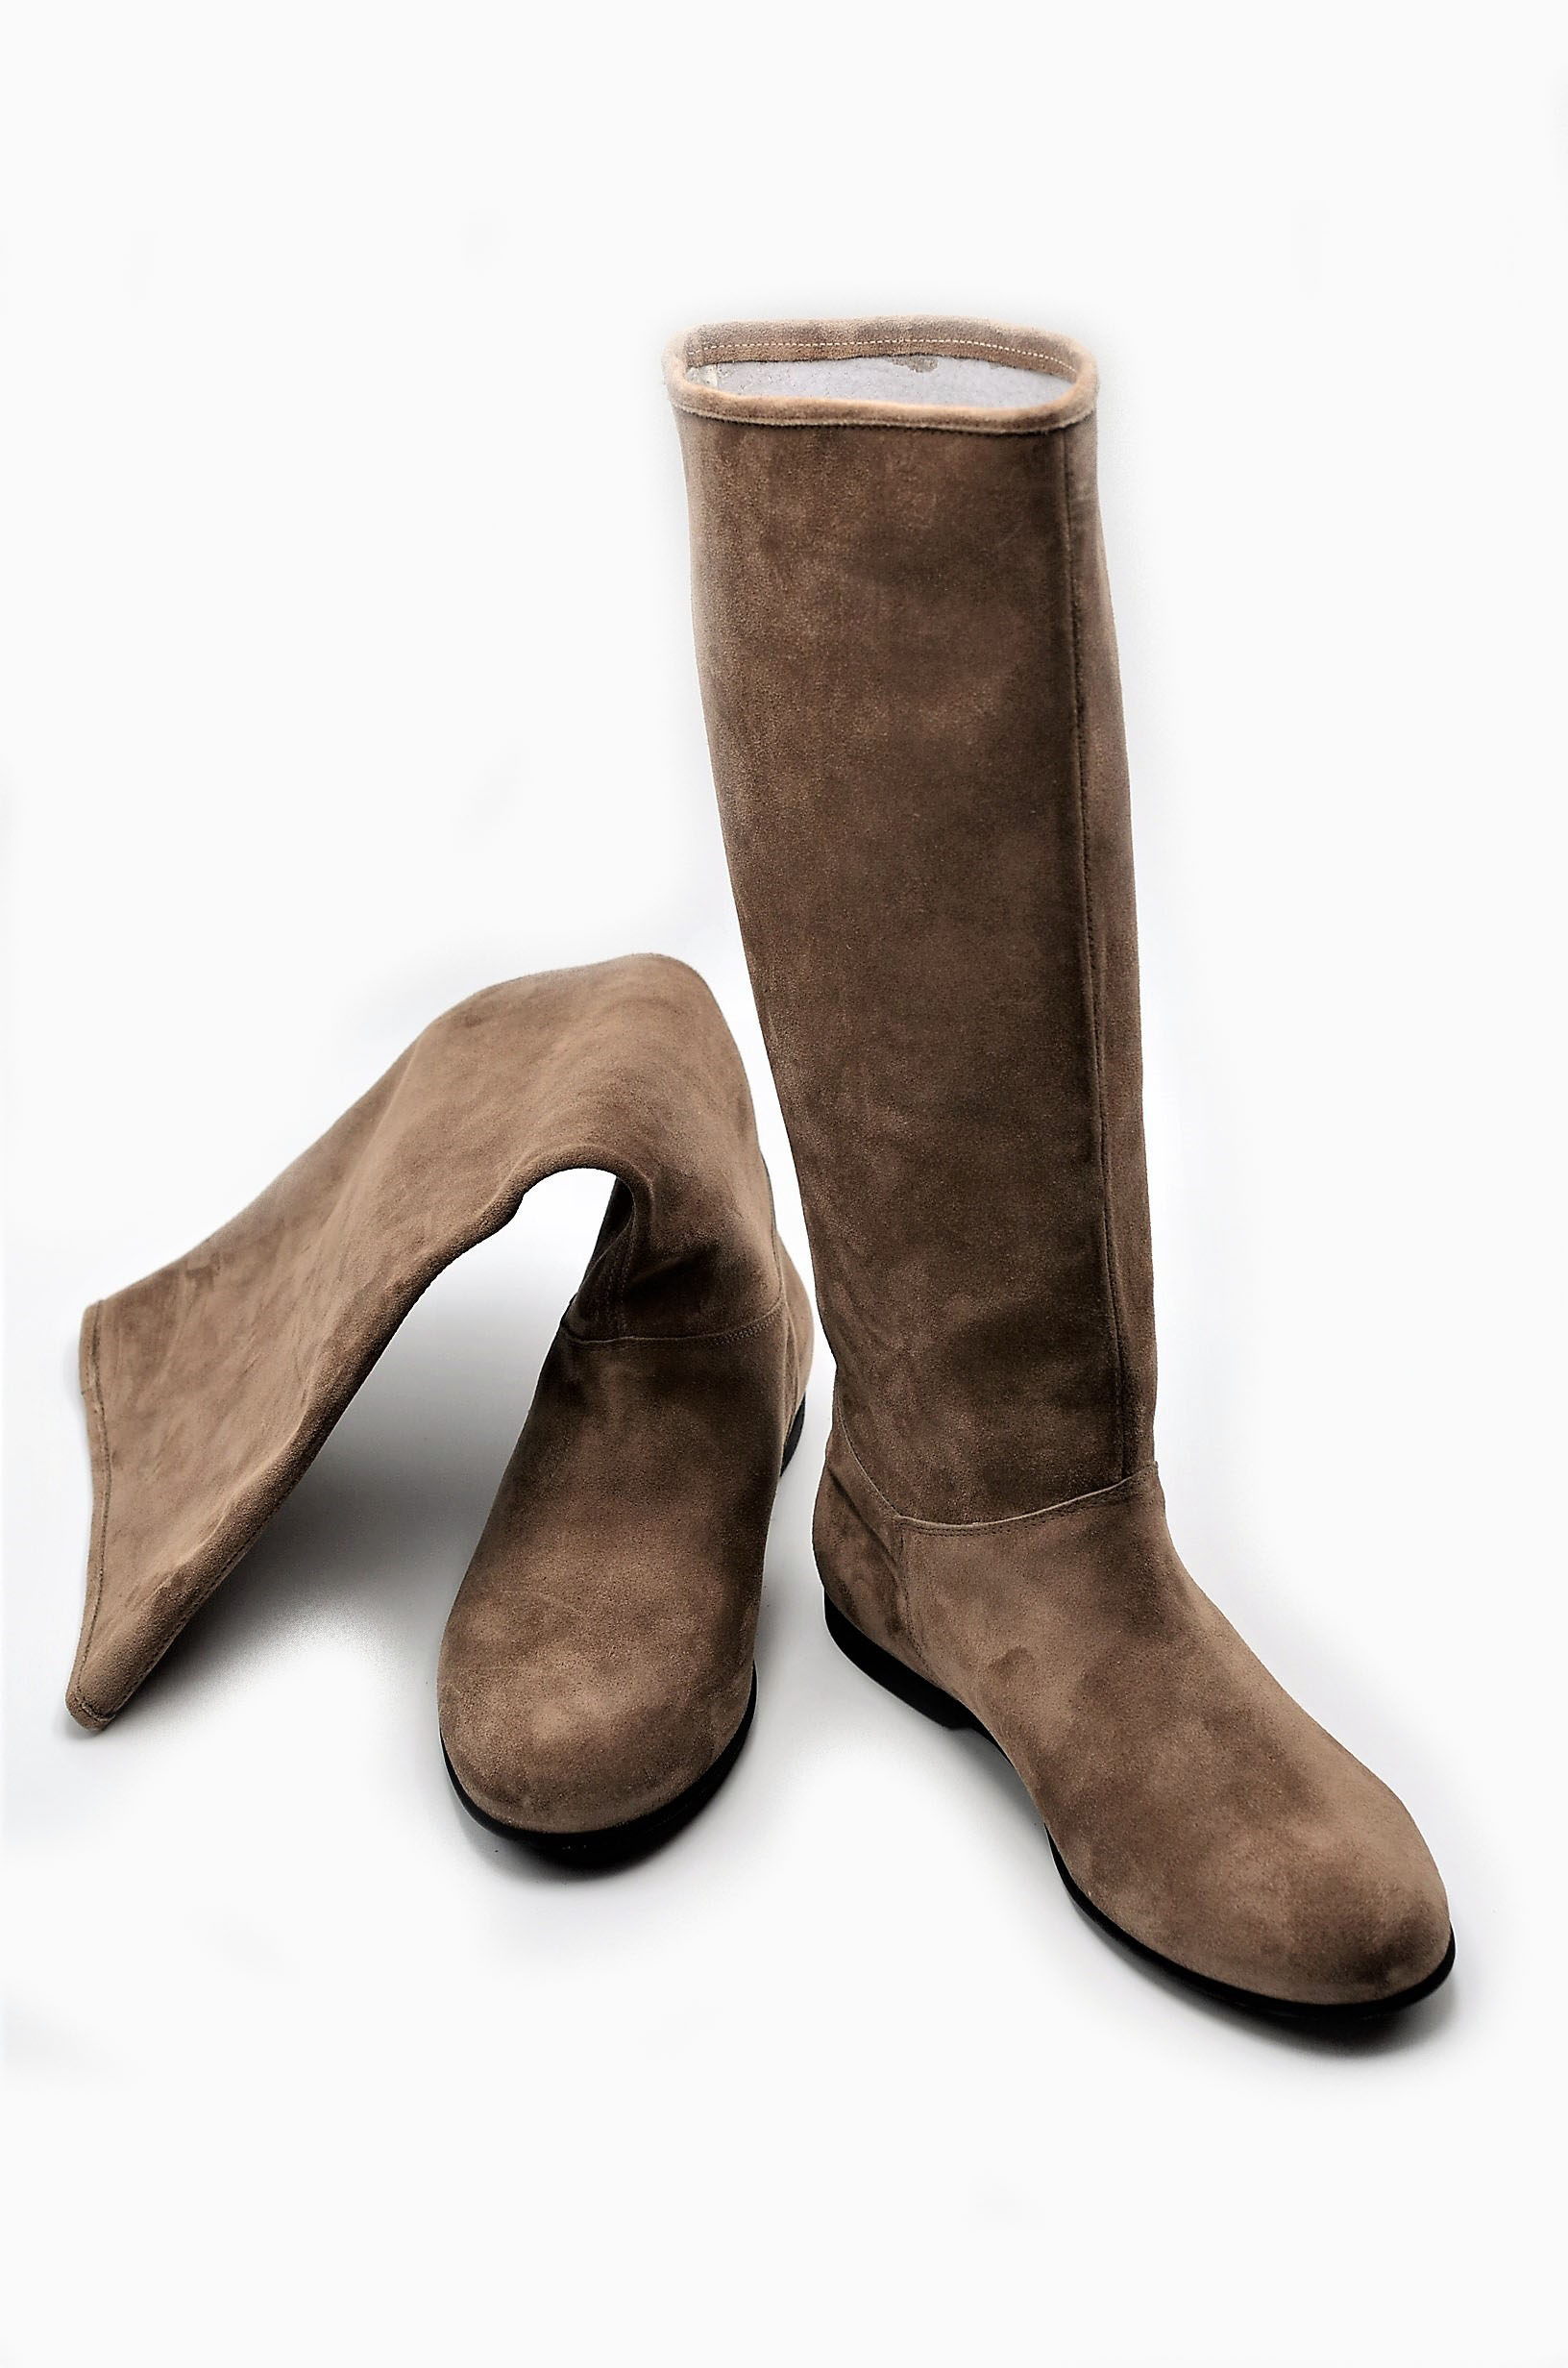 Damen Stiefel Taupe Wildleder mit Hohe Absatz Made in Italy